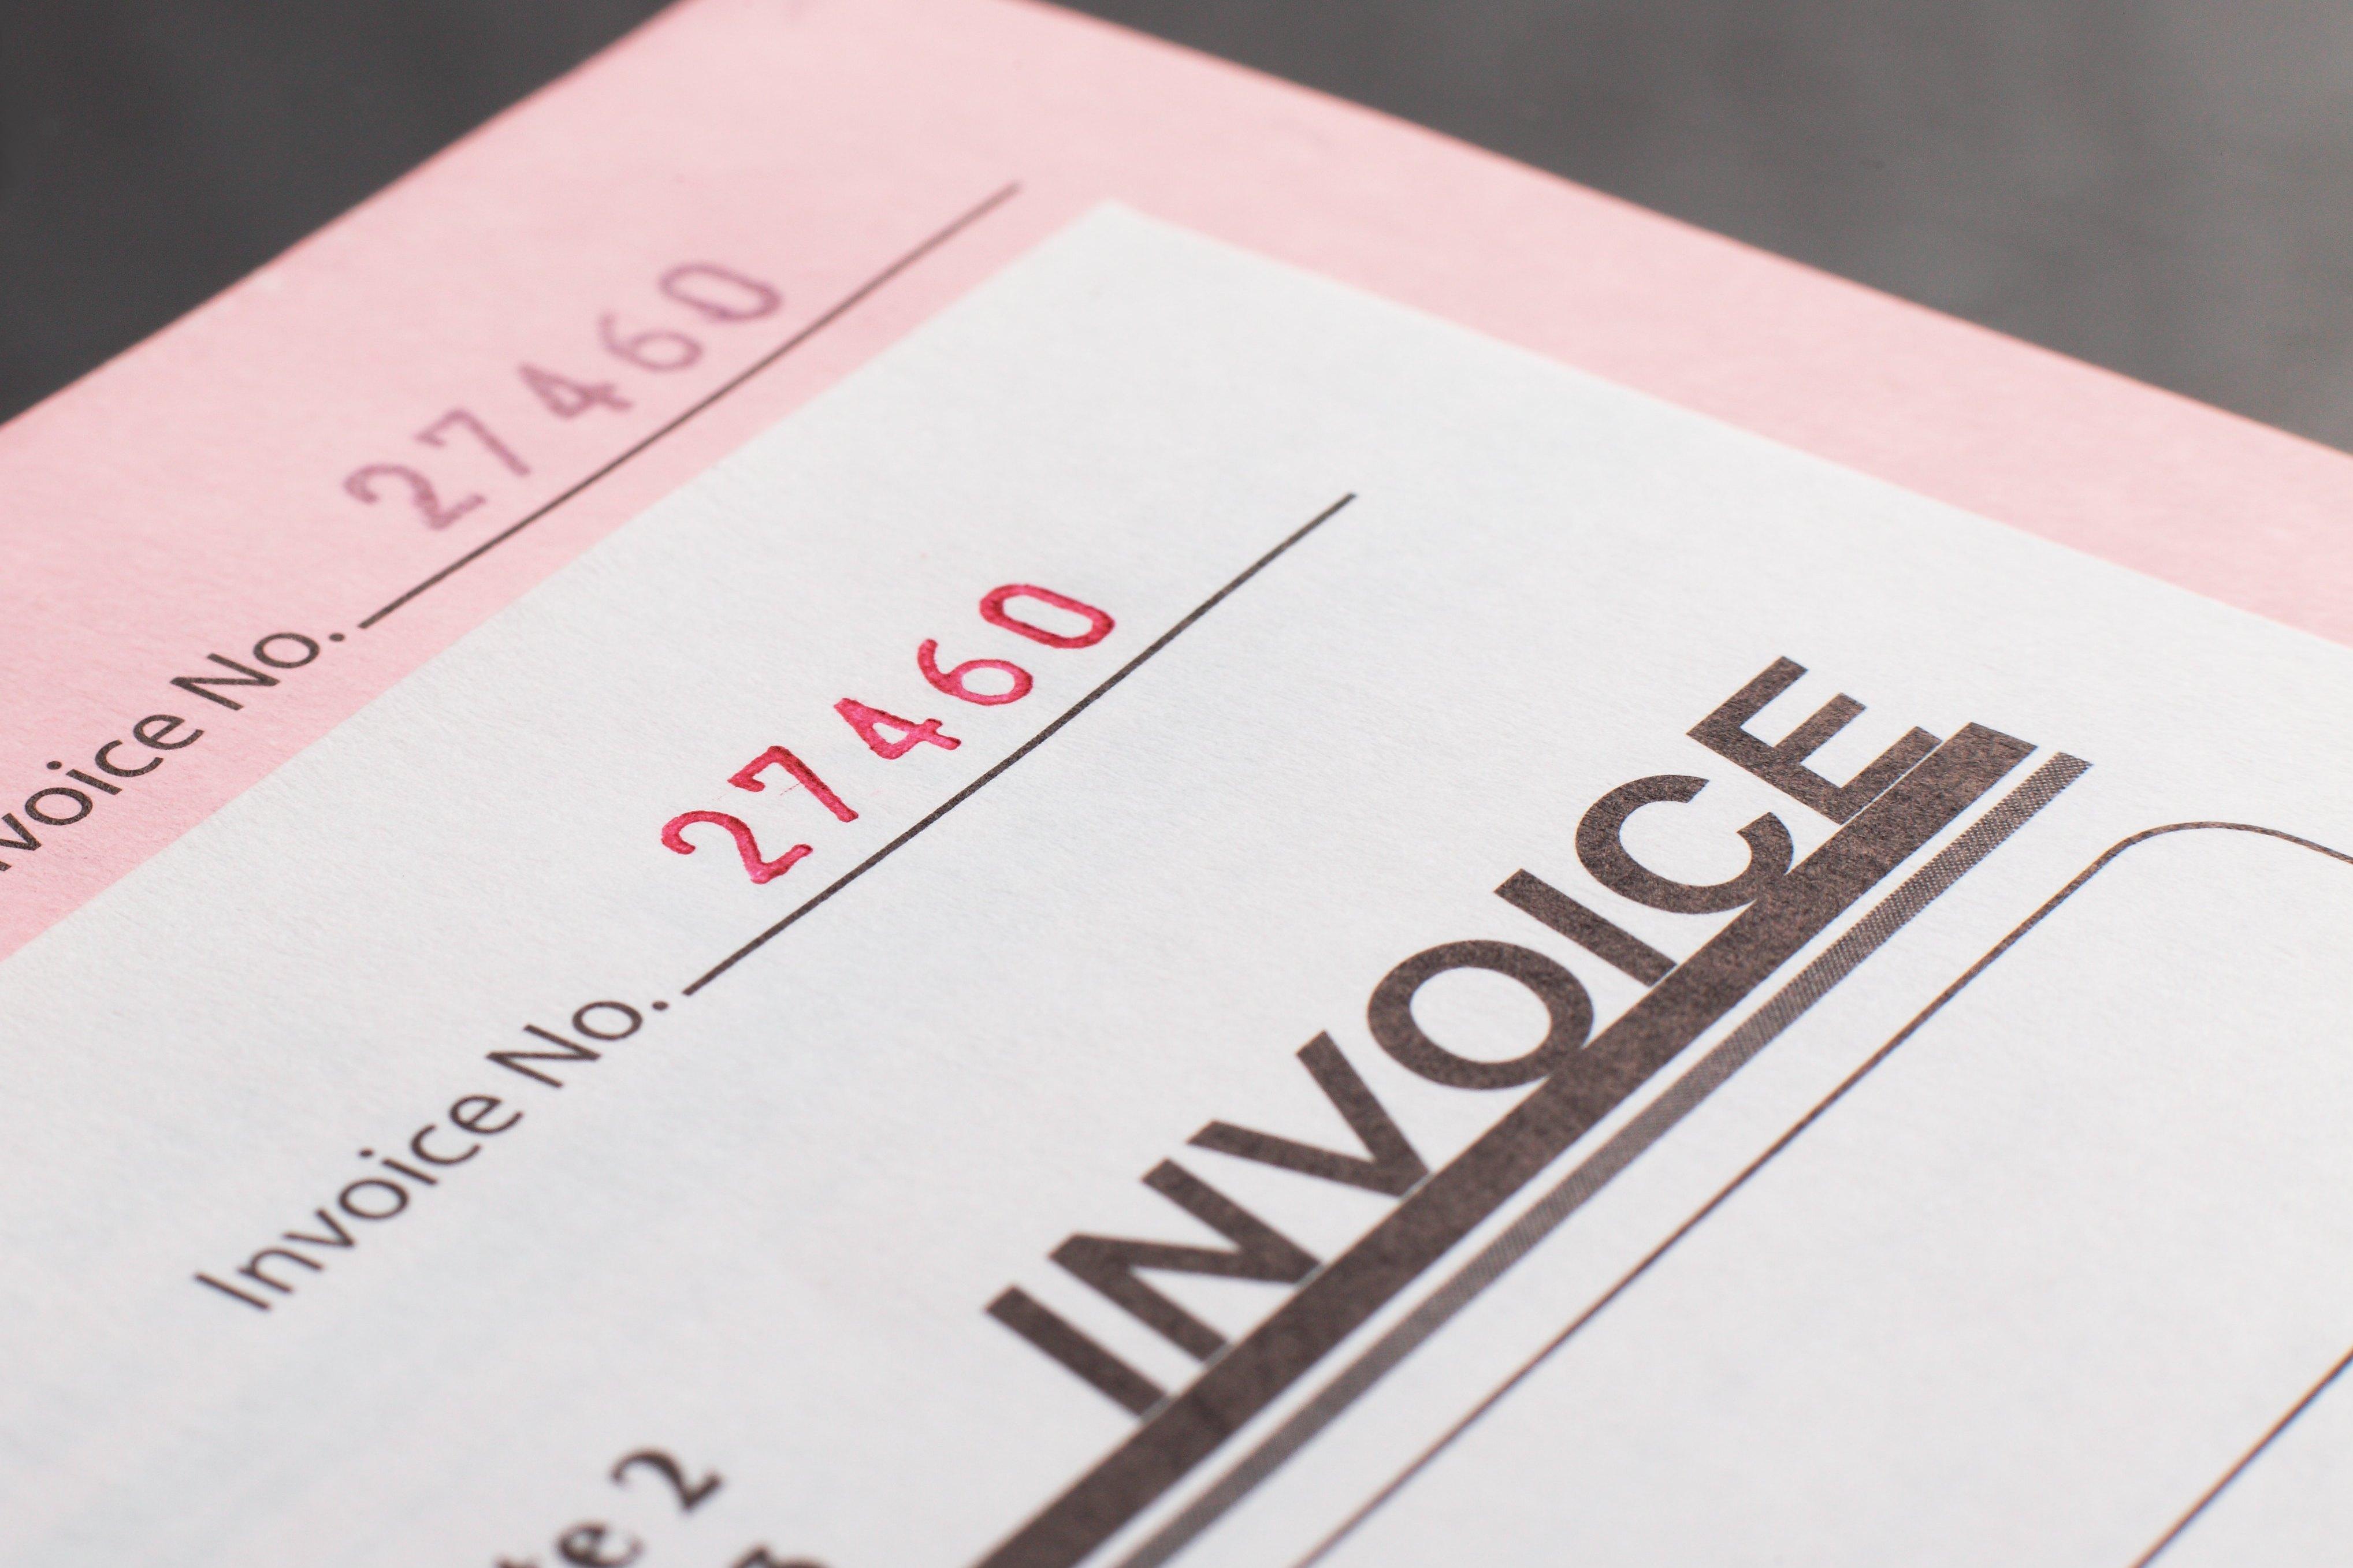 Ncrinvoicebookprinting Joseph Camillieri Printing - Carbon invoice book printing